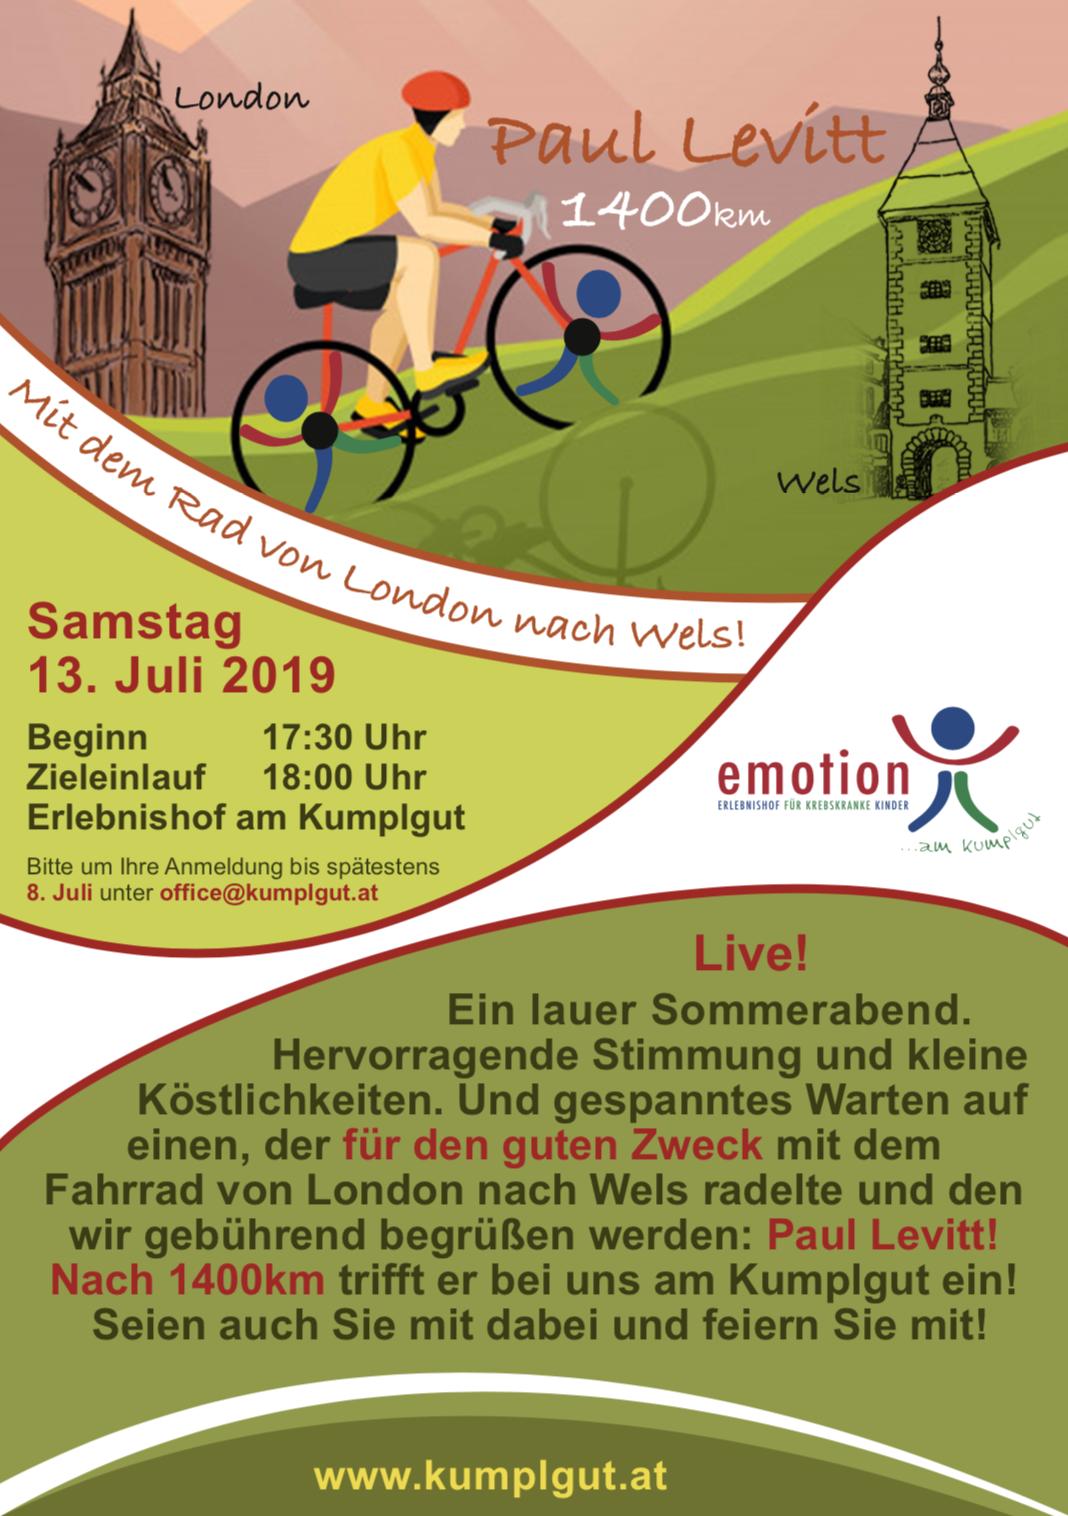 London -> Wels, 1.4oo Kilometer mit dem Rennrad